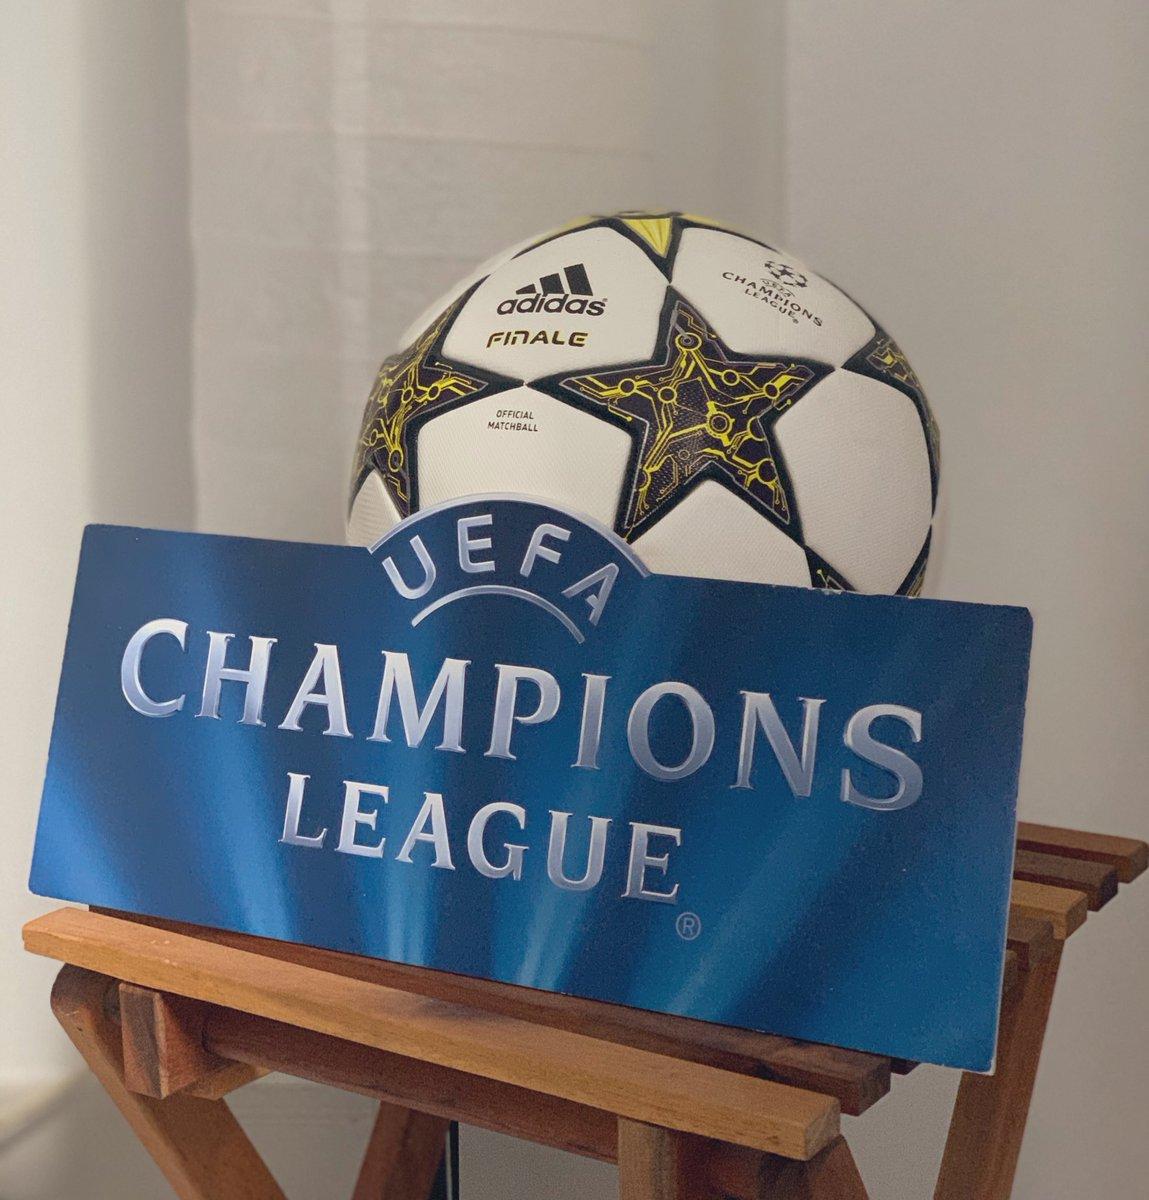 Vaya rinconcito chulo que me ha quedado... ⚽️ #ChampionsLeague